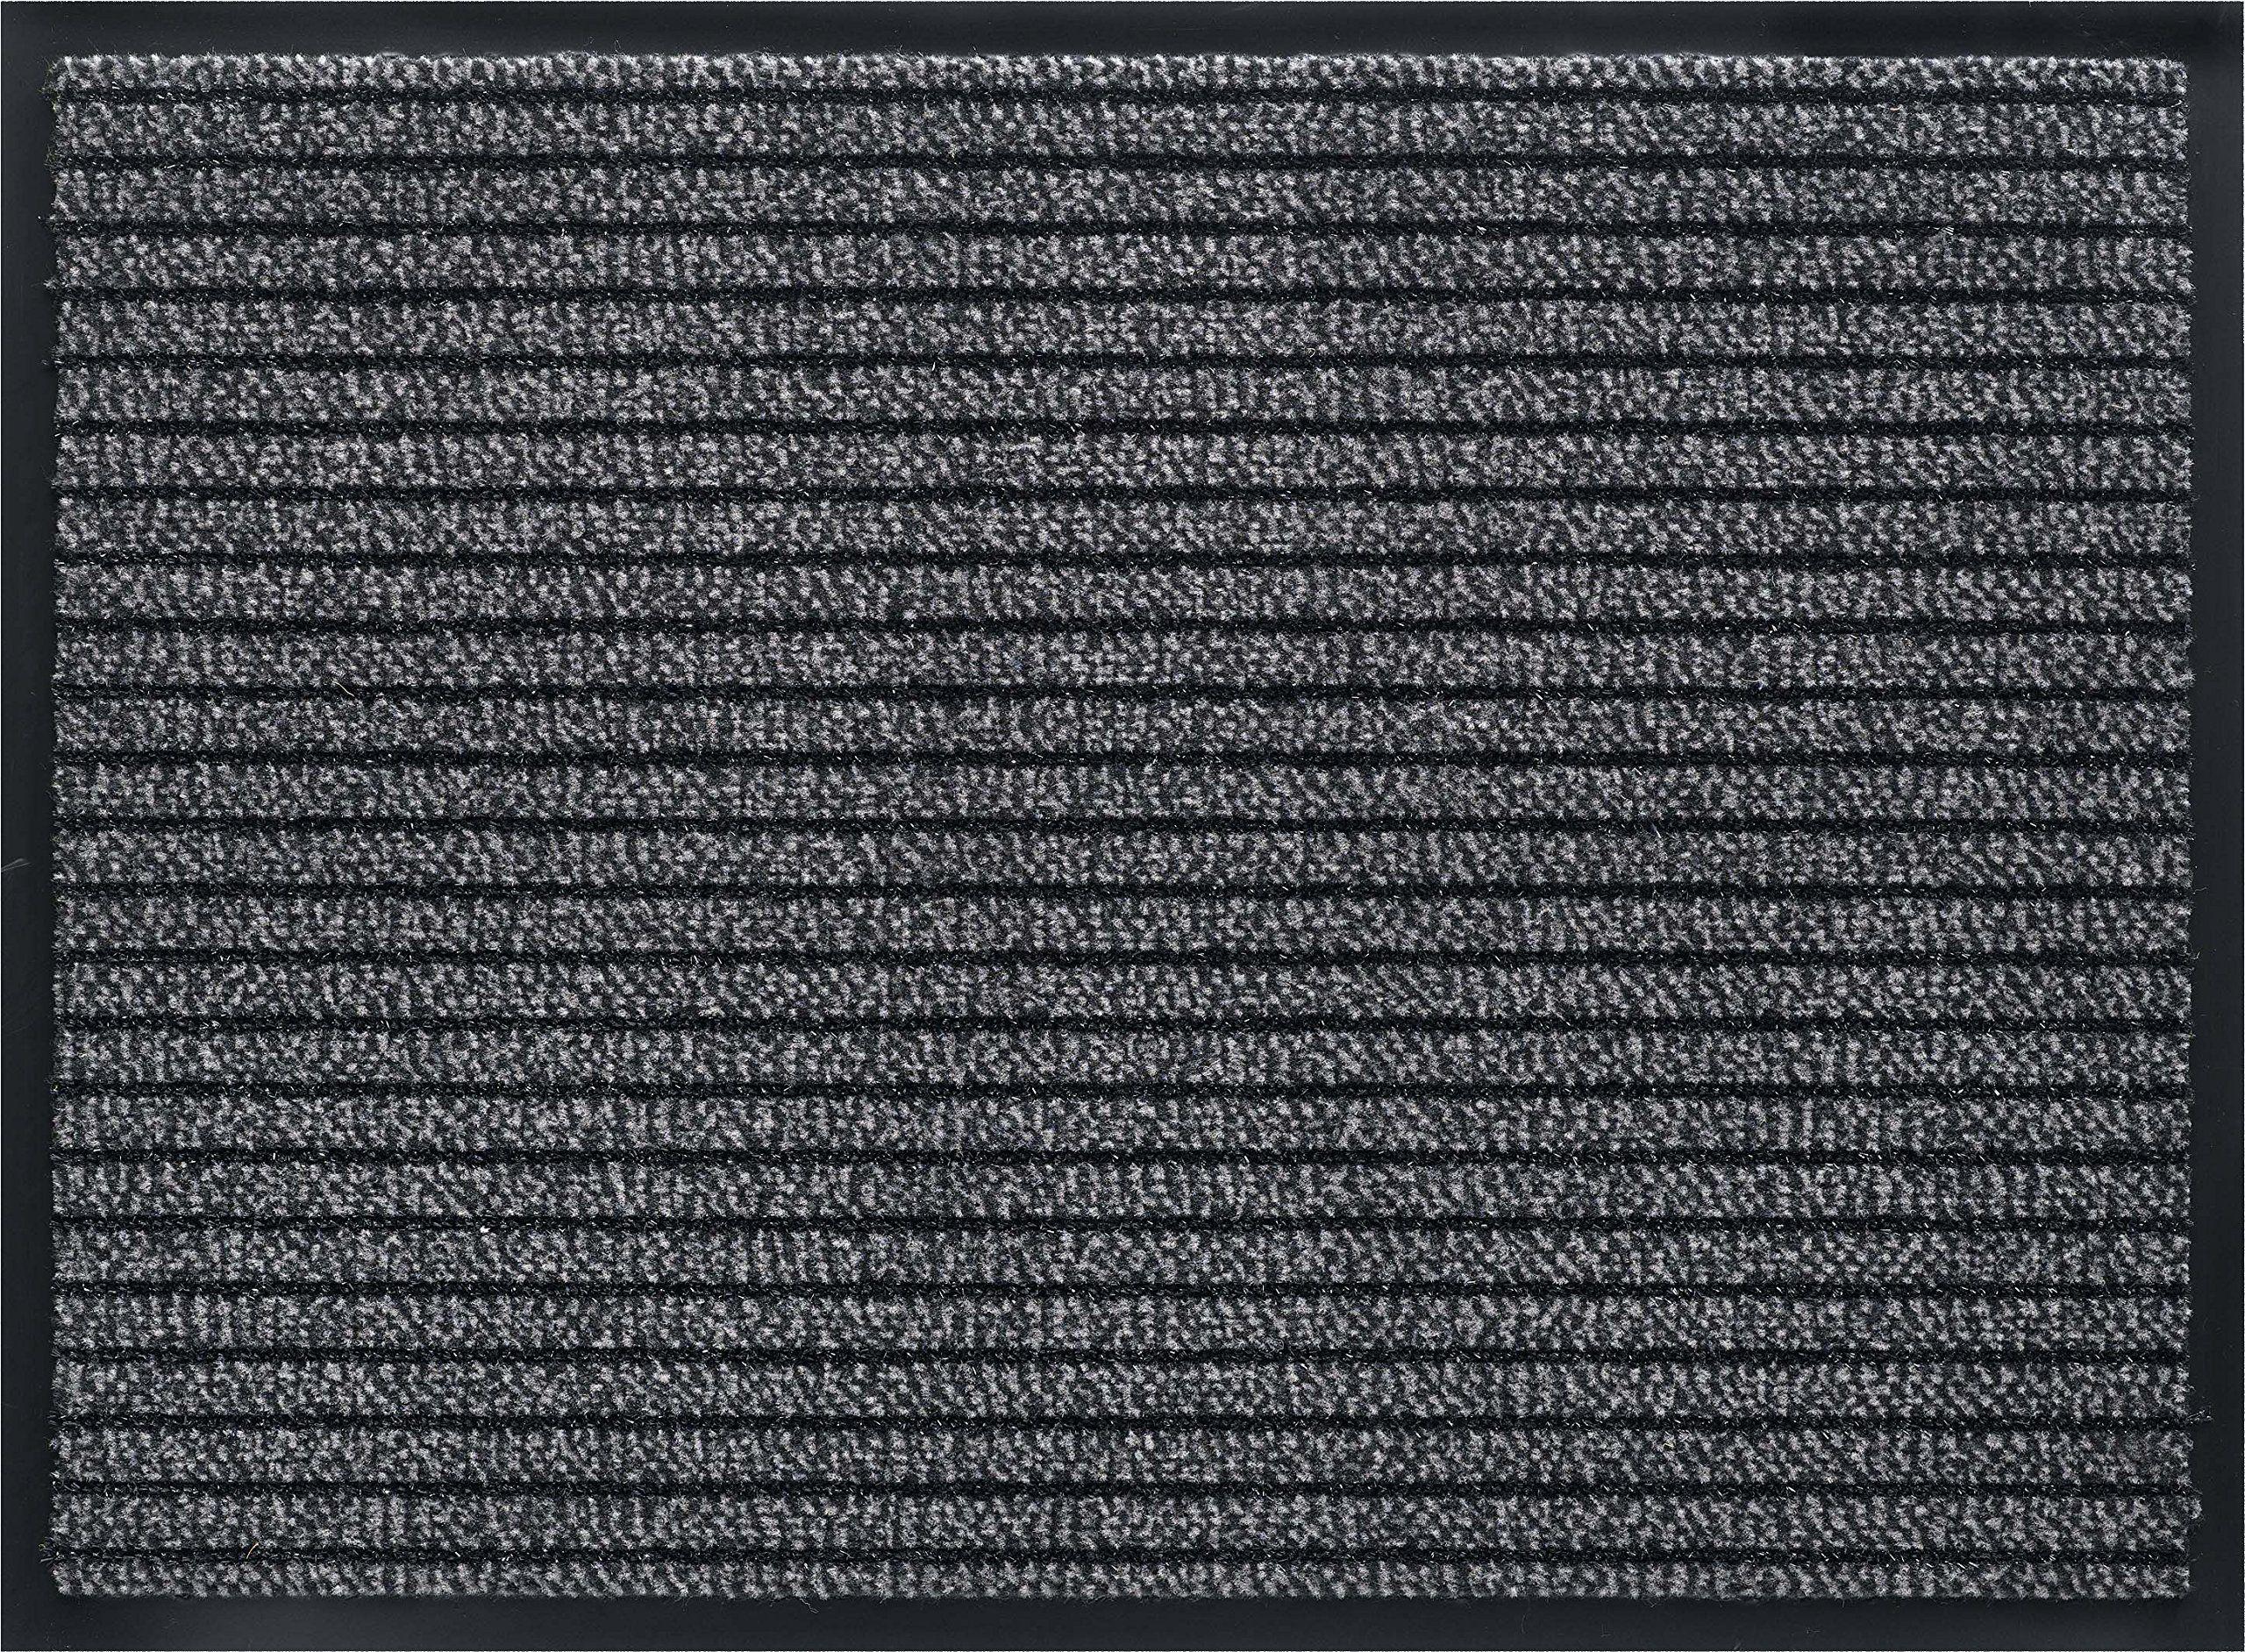 ID mat t 608002 gramat dywan wycieraczka włókno polipropylen/PVC szary 80 x 60 x 0,8 cm